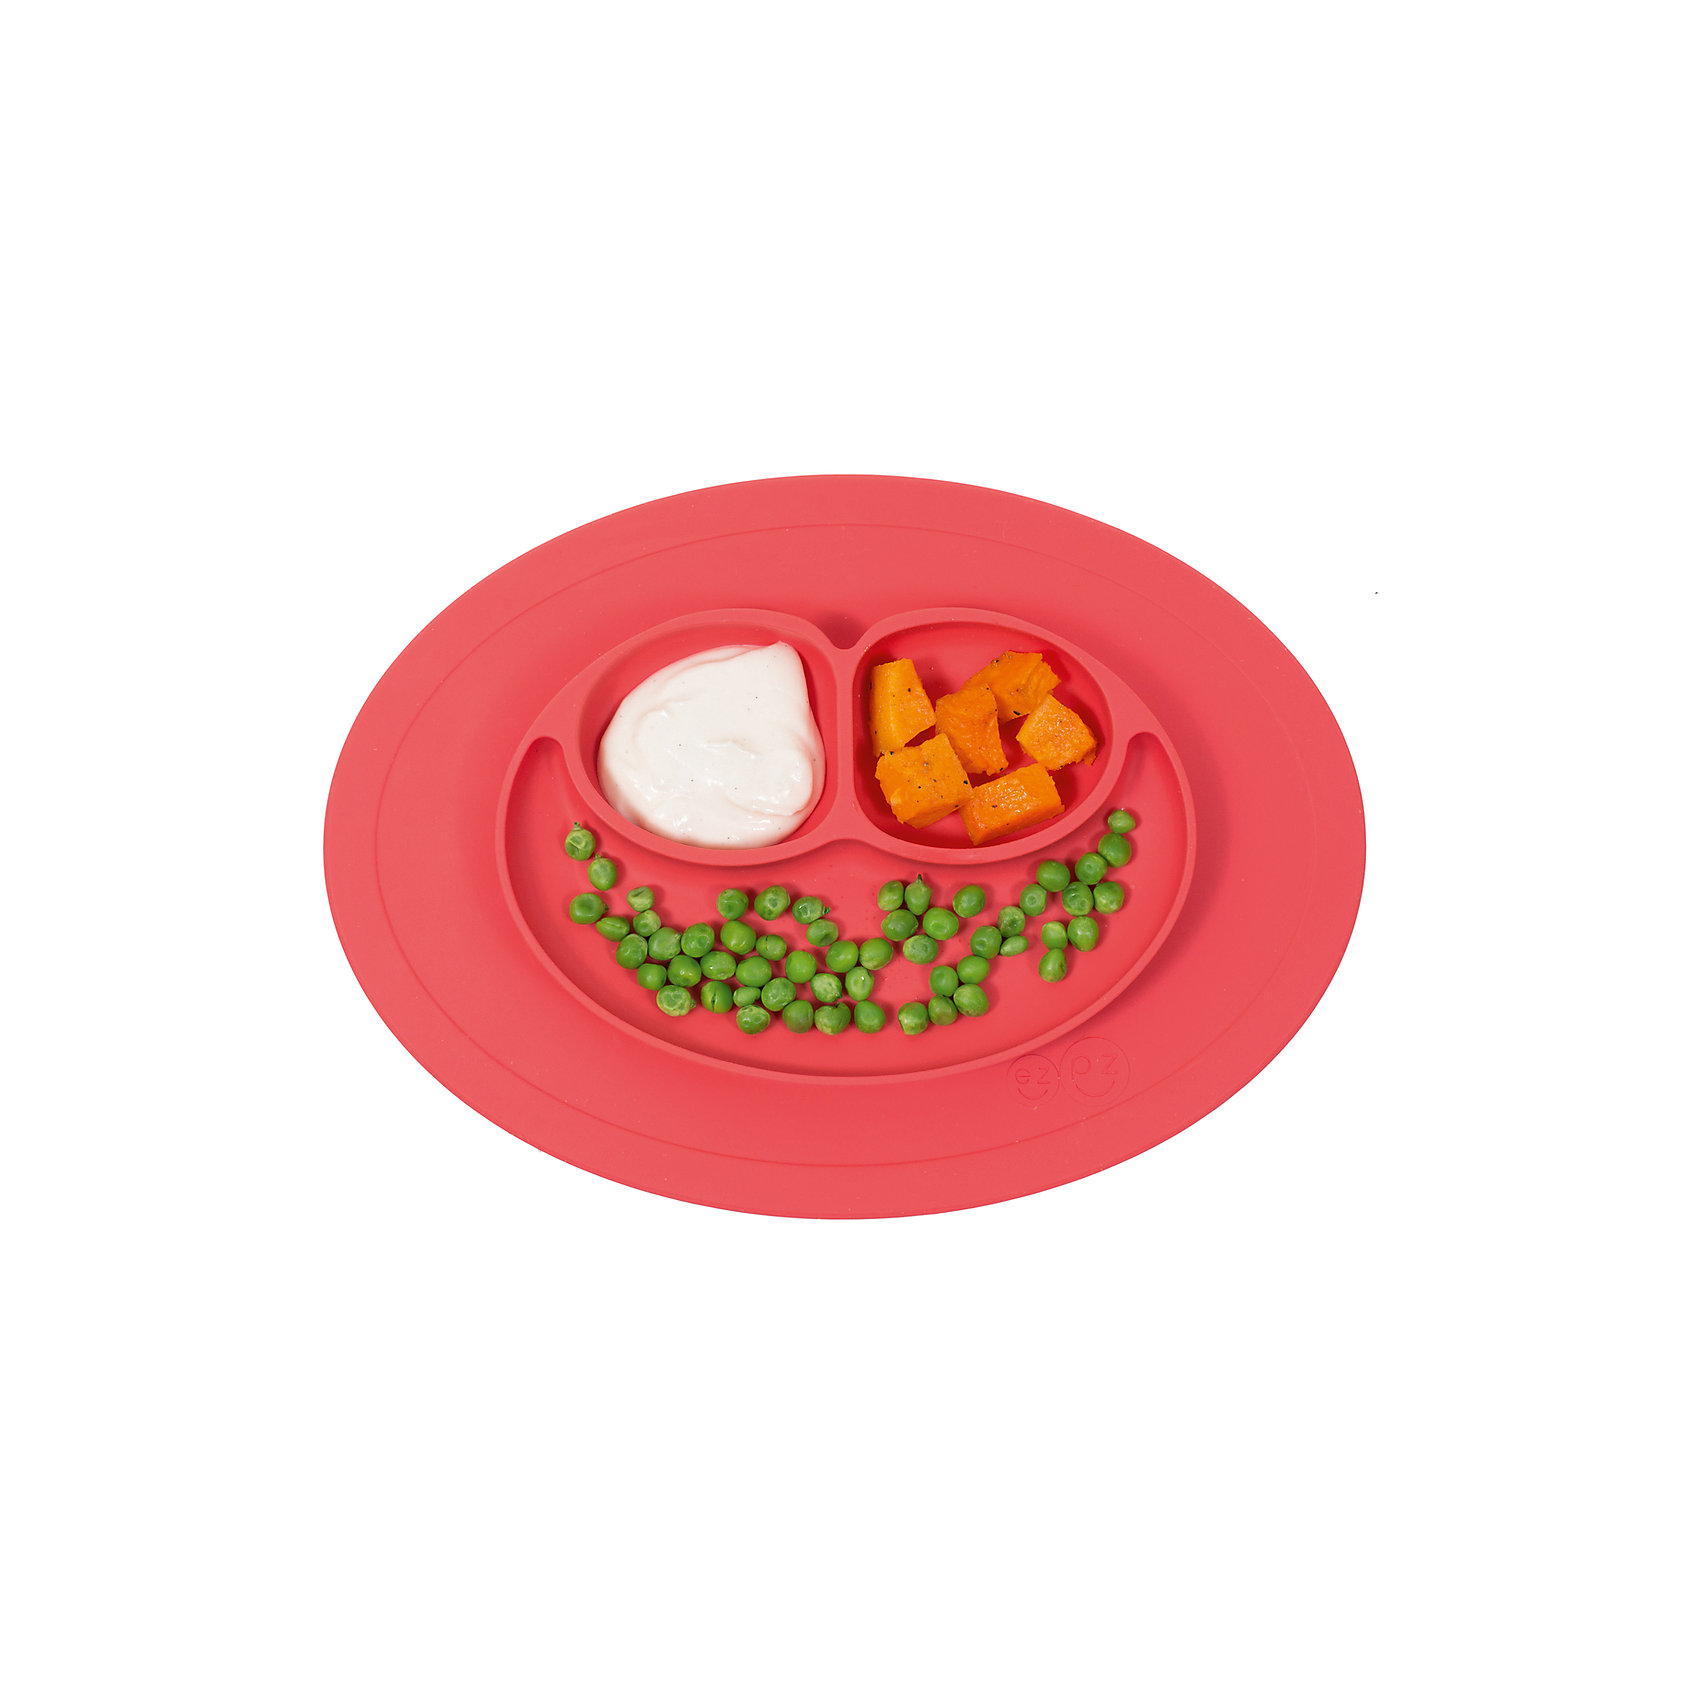 Тарелка с подставкой Mini Mat, ezpz, коралловыйПосуда для малышей<br>Тарелка с подставкой Mini Mat, ezpz, коралловый.<br><br>Характеристики:<br>• изготовлена из качественного пищевого силикона<br>• надежно крепится к столу<br>• 3 отсека для еды<br>• удобно брать с собой<br>• подходит для посудомоечной машины и микроволновой печи<br>• не содержит бисфенол, свинец, фталаты, поливинилхлорид<br>• приятный дизайн<br>• состав: 100% силикон<br>• размер: 21,5х19,5х2,5 см<br>• объем: 240 мл<br>• цвет: коралловый<br><br>Тарелка с подставкой Mini Mat, ezpz пригодится, если в доме живут маленькие непоседы. Тарелка имеет 3 глубоких отсека, что позволяет подавать еду раздельно. Вы сможете одновременно подать к столу мясо, гарнир и фрукты, не пачкая лишнюю посуду. Дно тарелки надежно крепится к плоской поверхности - вы можете не переживать, что малыш опрокинет еду и обожжется. Небольшой размер позволит брать тарелку с собой в дорогу. Приятный дизайн тарелки понравится ребенку, и он обязательно будет есть с аппетитом!<br><br><br>Вы можете купить тарелку с подставкой Mini Mat, ezpz, коралловый в нашем интернет-магазине.<br><br>Ширина мм: 210<br>Глубина мм: 25<br>Высота мм: 195<br>Вес г: 323<br>Возраст от месяцев: 0<br>Возраст до месяцев: 36<br>Пол: Унисекс<br>Возраст: Детский<br>SKU: 5068713